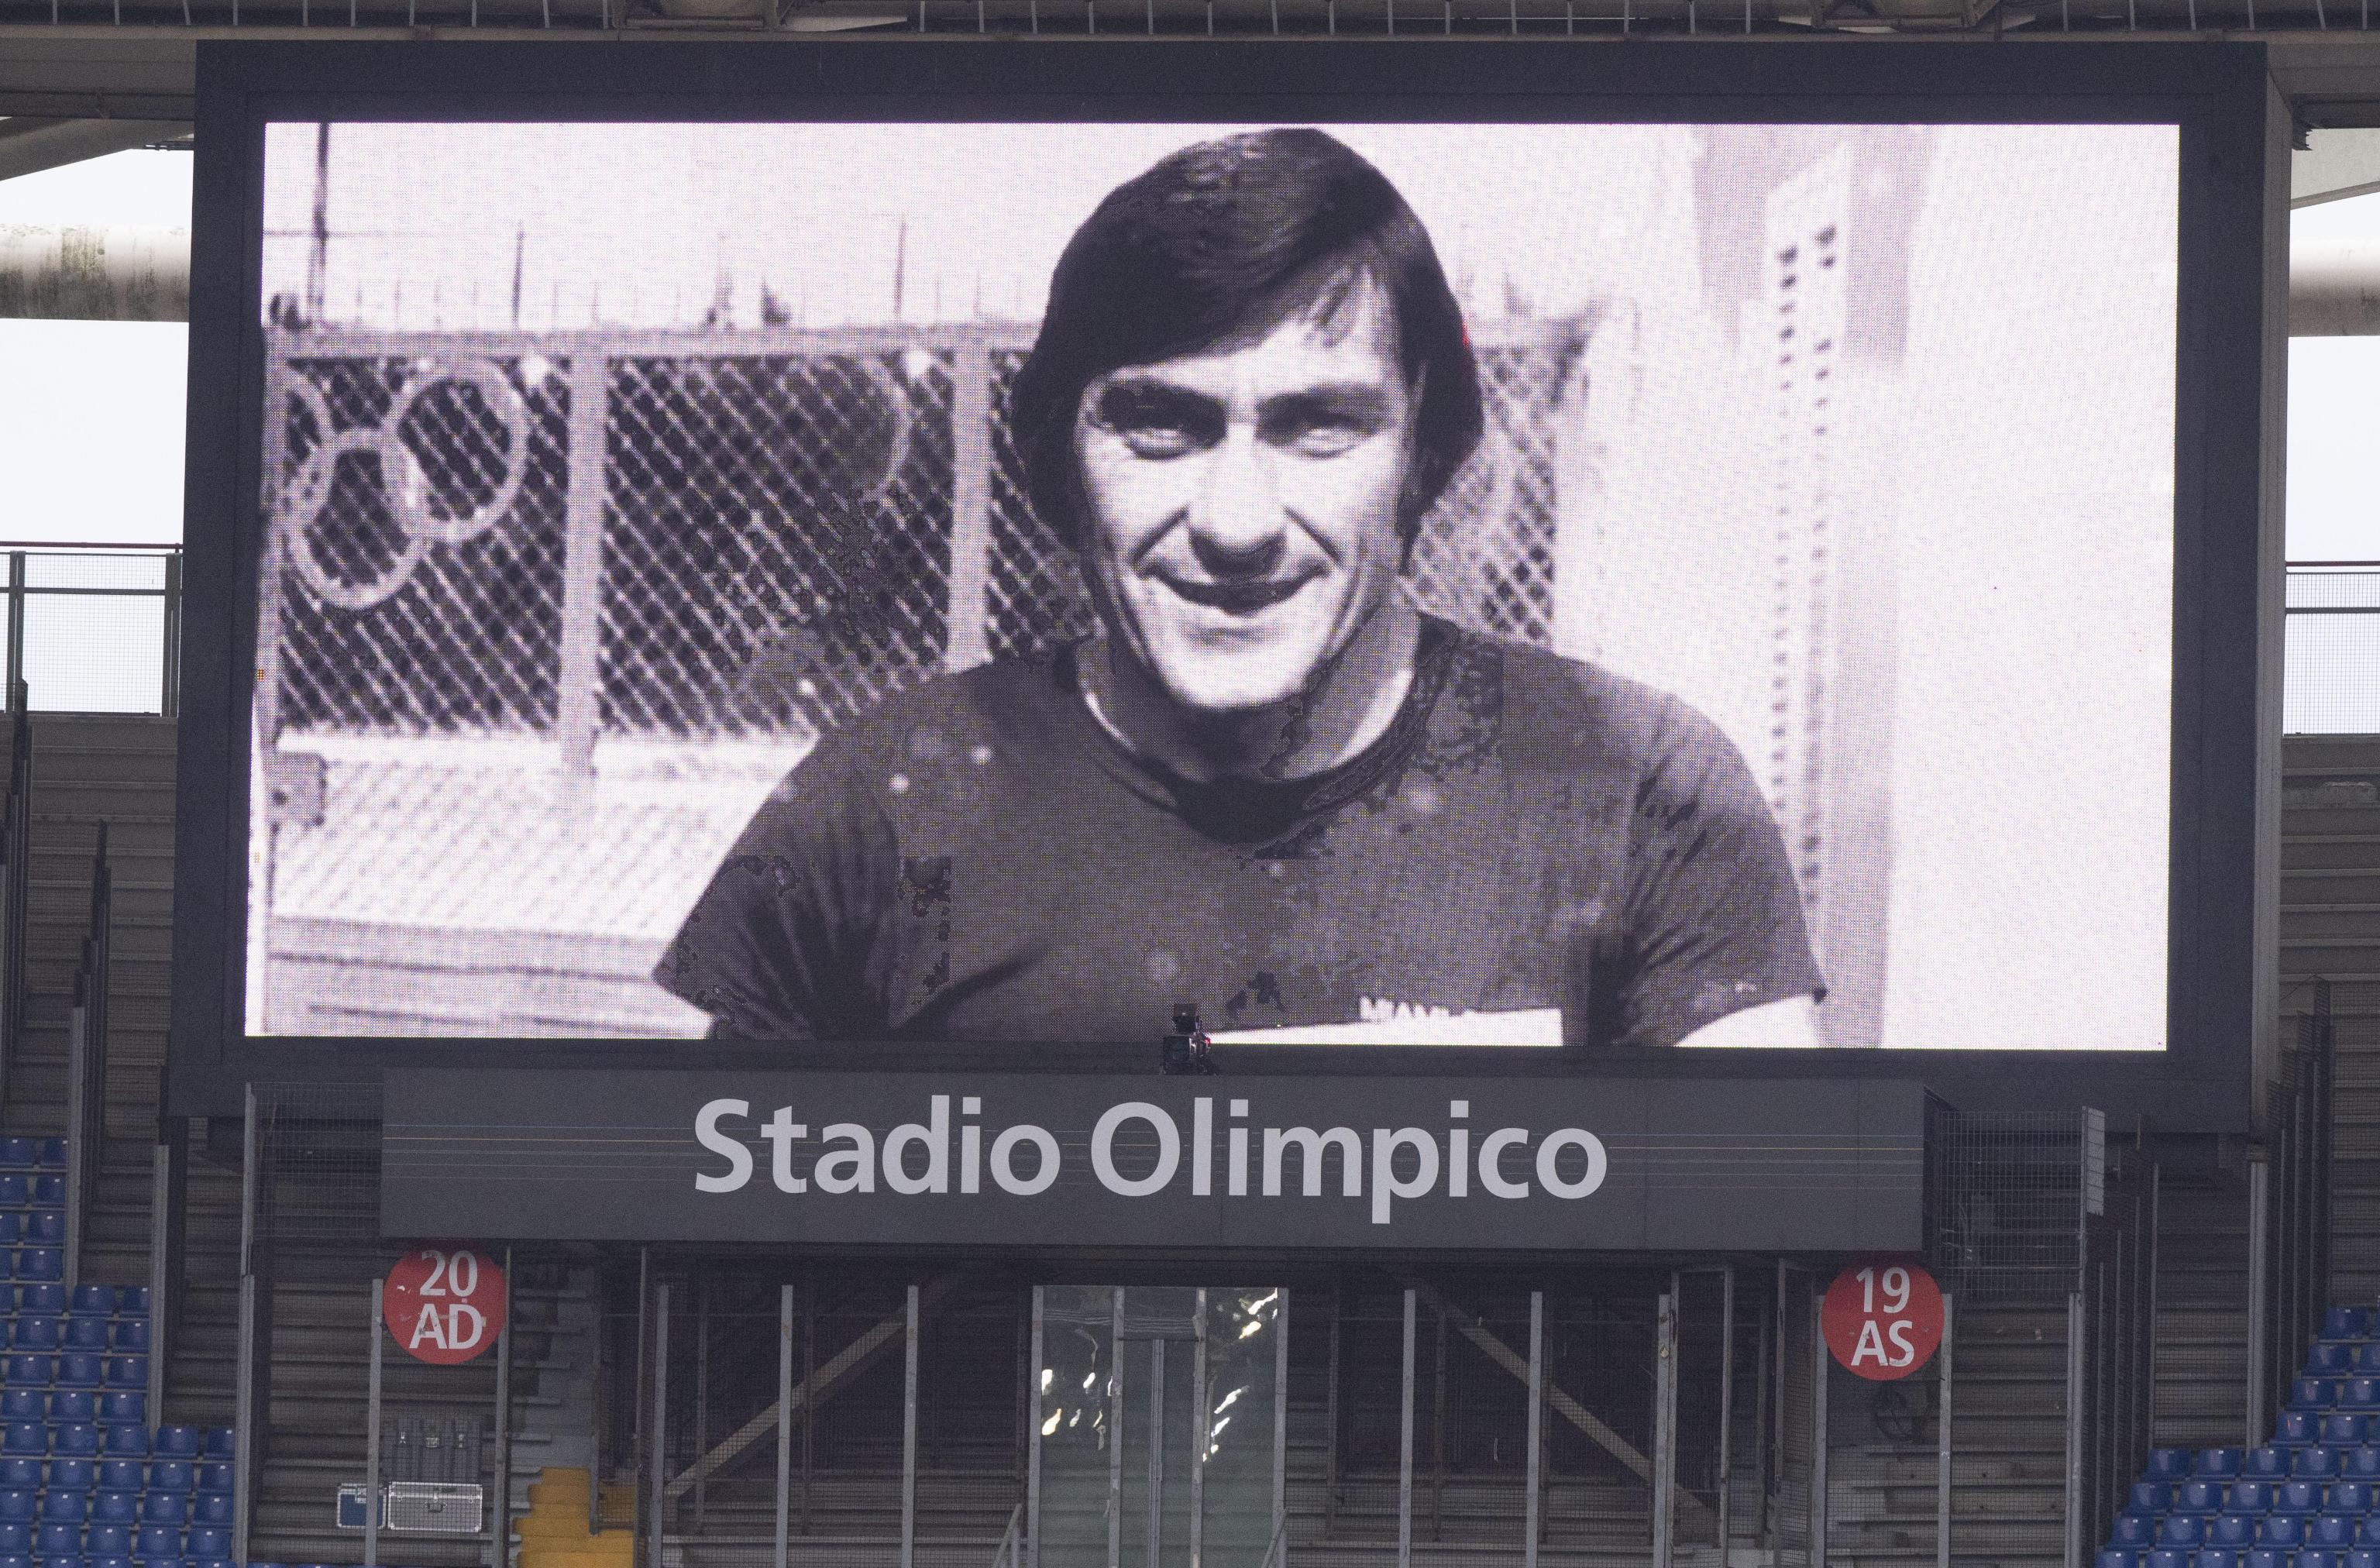 Felice Pulici (16 dicembre 2018)  - E' stato un calciatore, allenatore e dirigente sportivo italiano. Di ruolo portiere